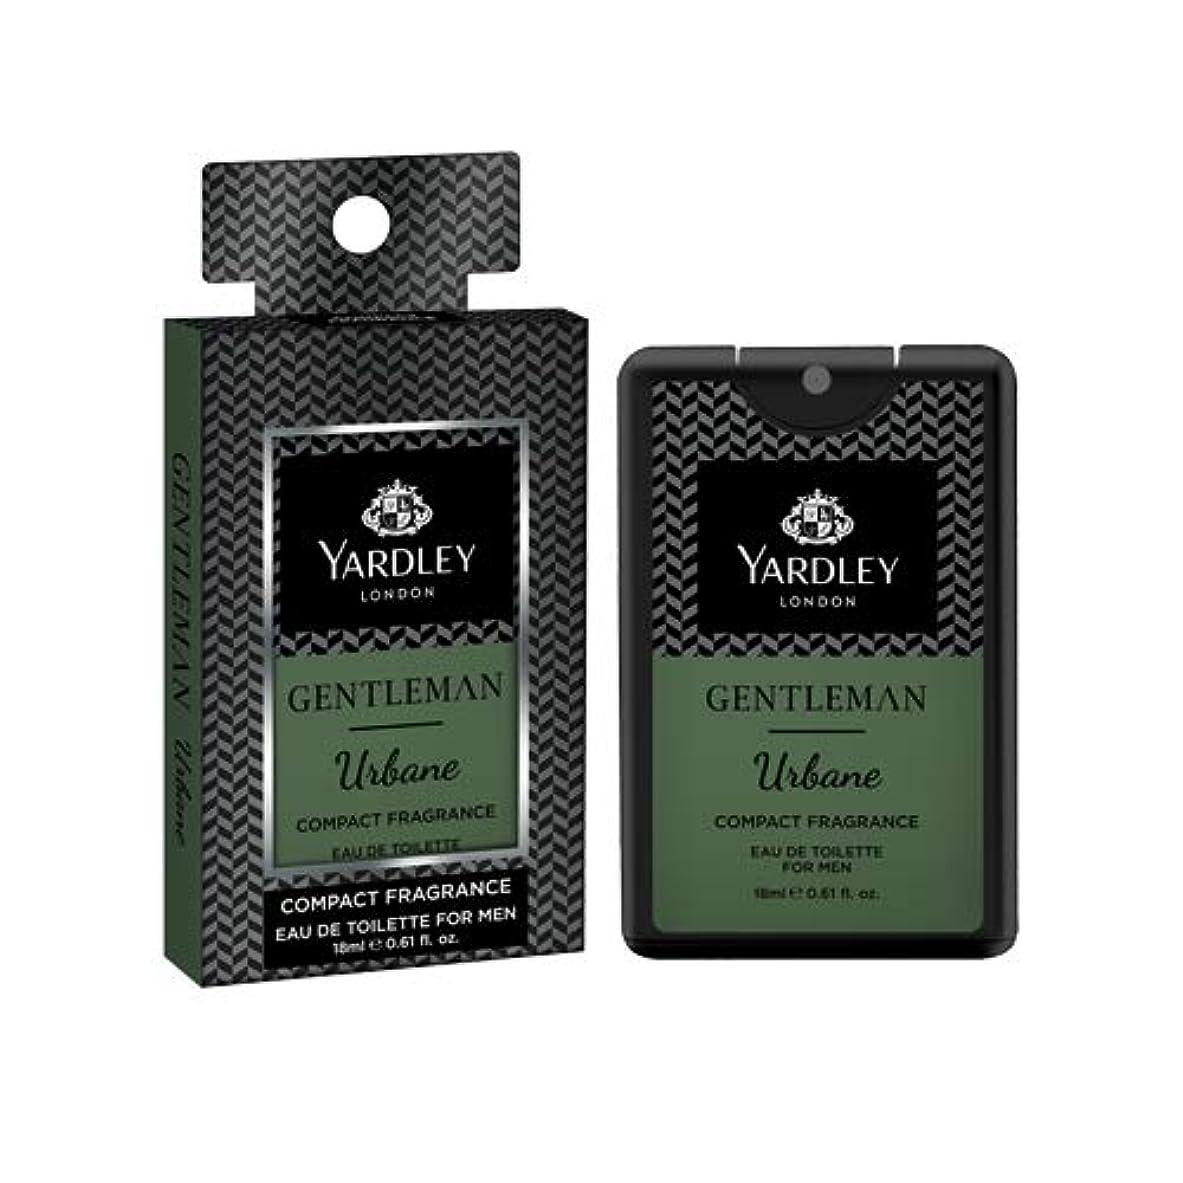 ギャンブルウォルターカニンガム練るYardley Gentleman Urbane Compact Perfume 18 ml